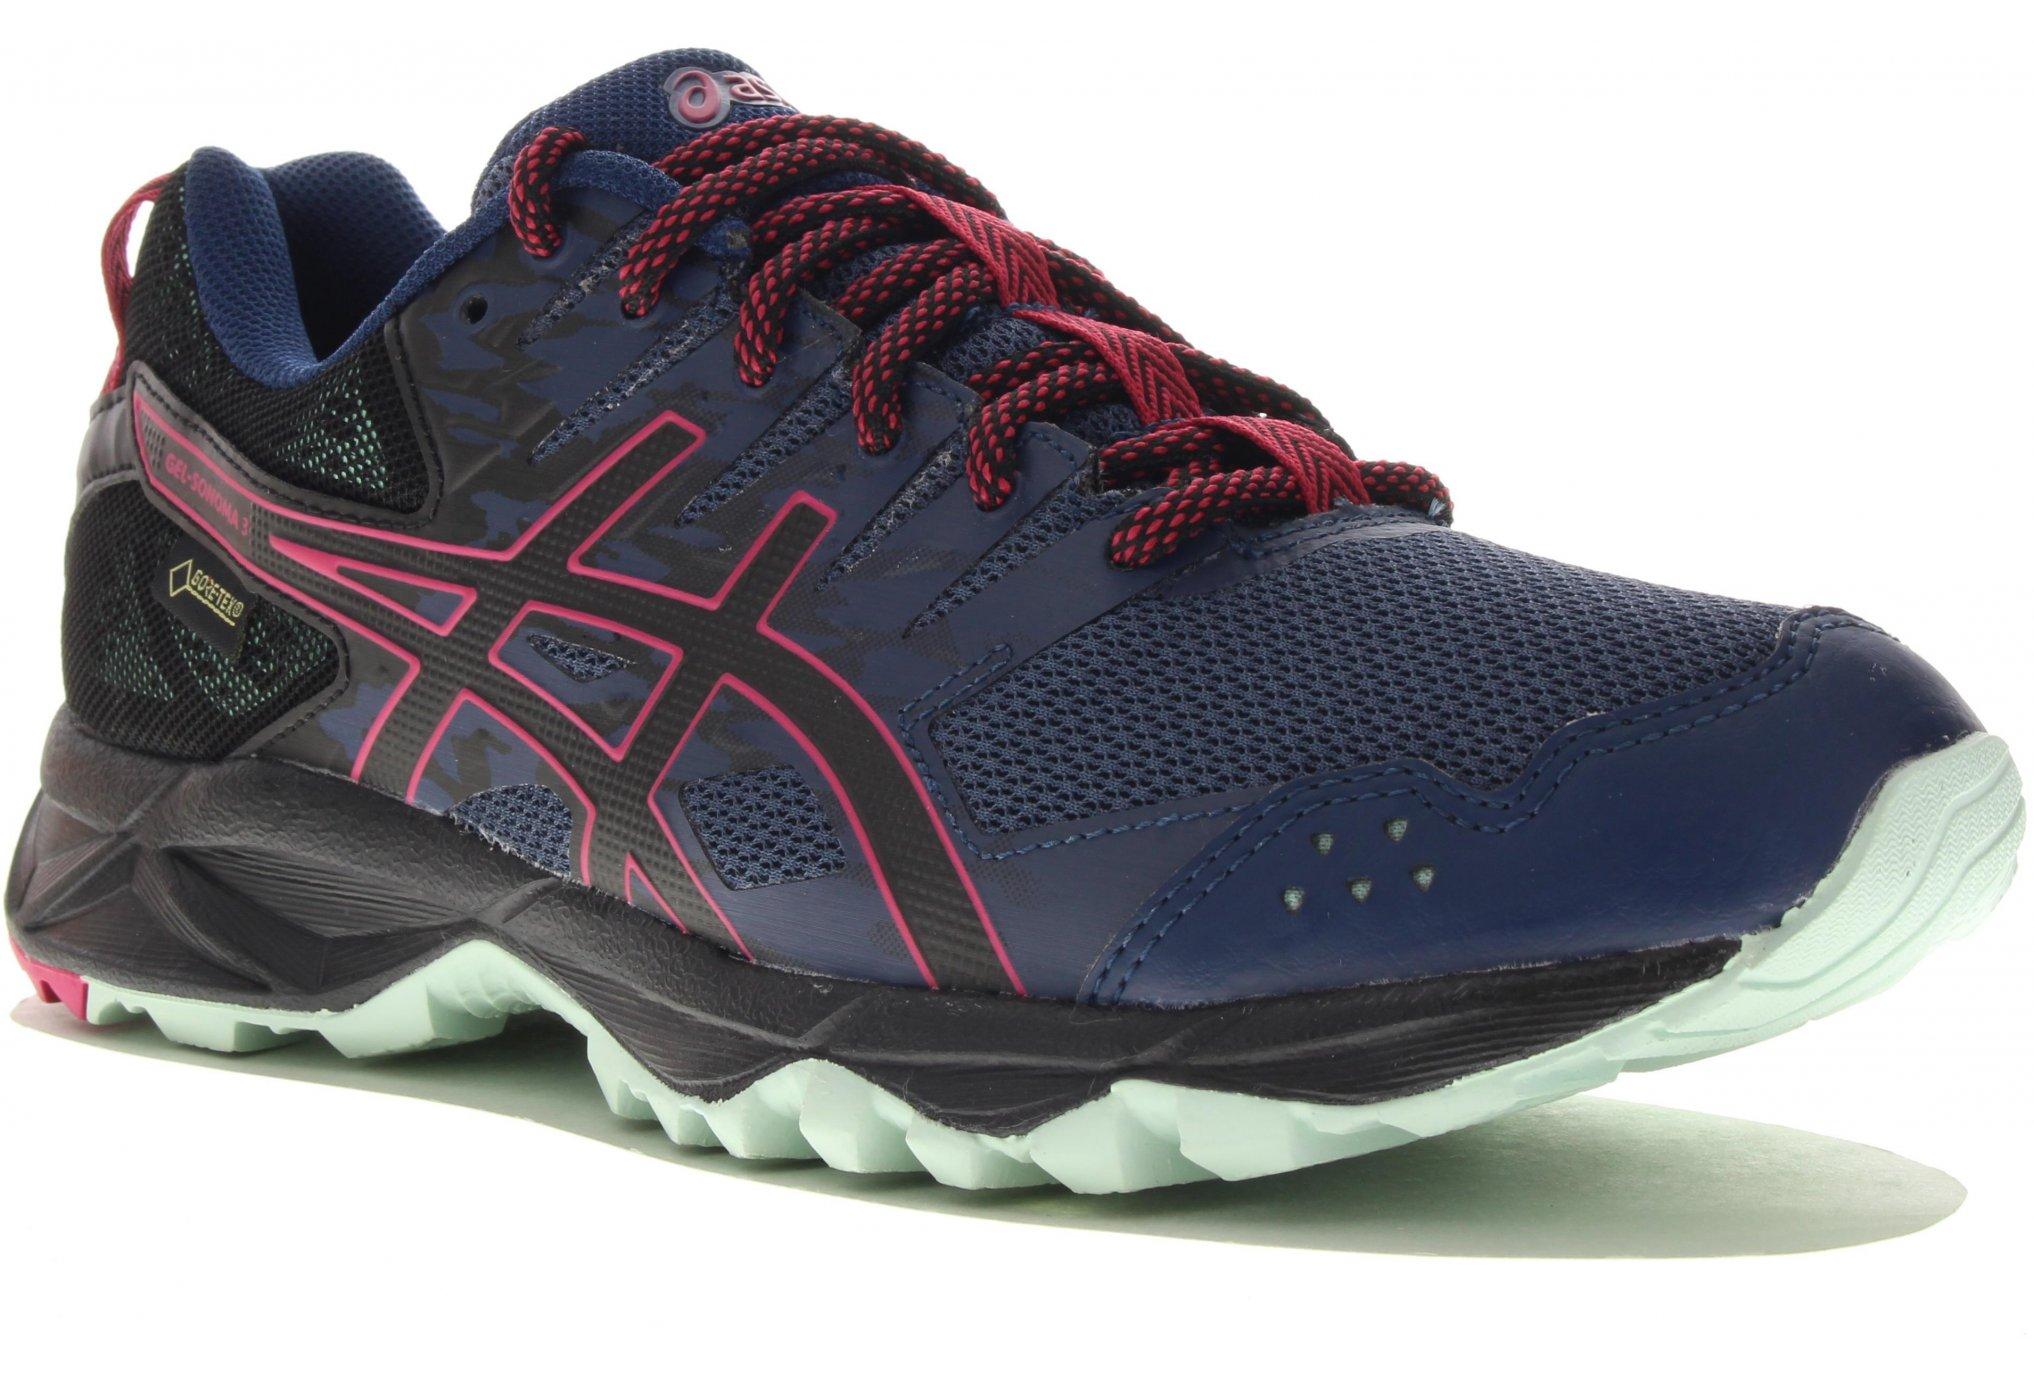 Asics Gel Sonoma 3 Gore-Tex W Chaussures running femme